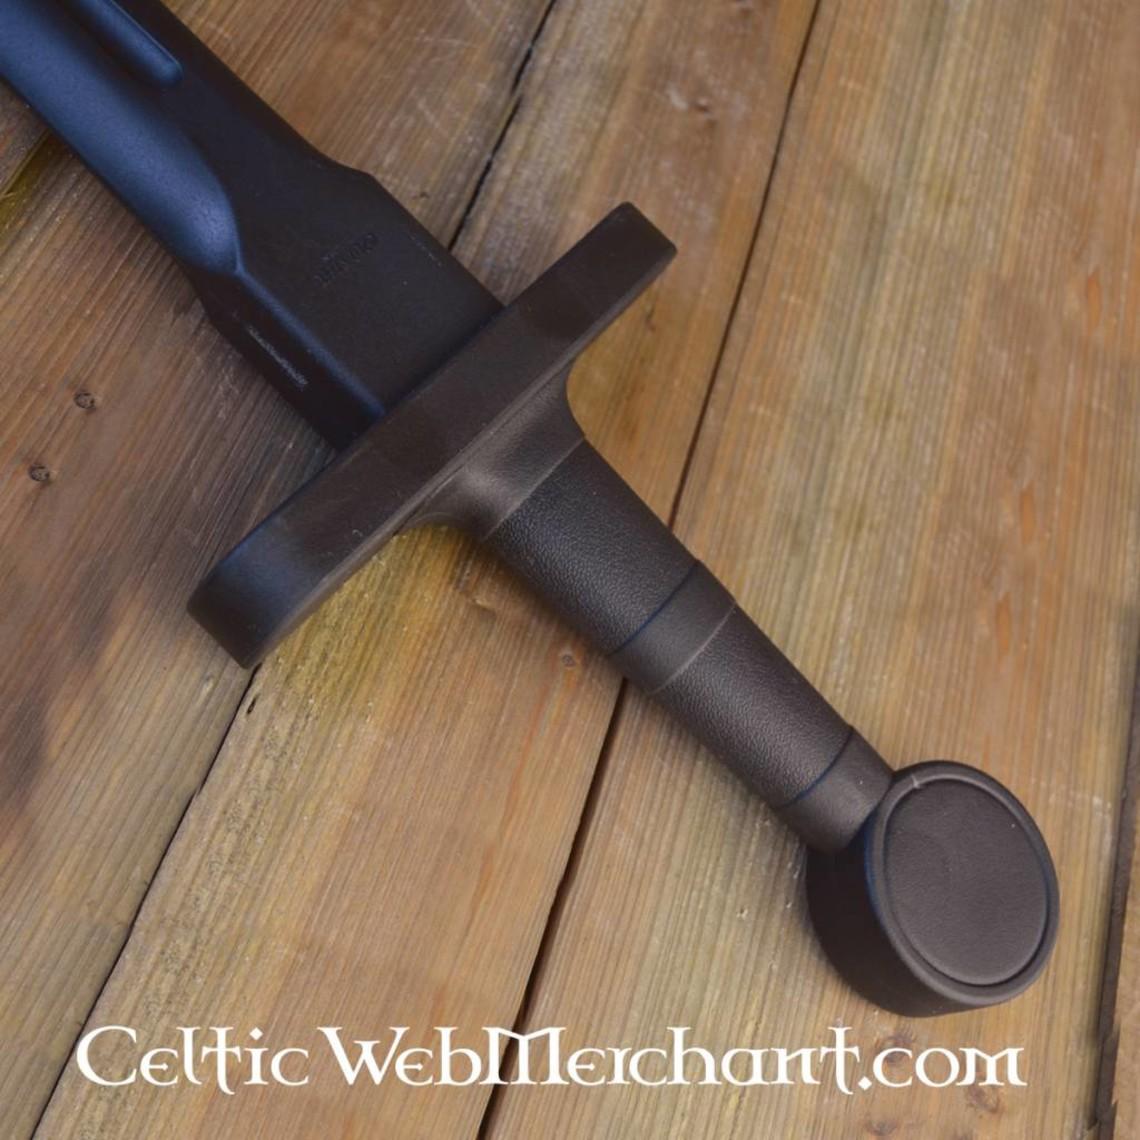 Cold Steel Miecz jednoręczny polipropen